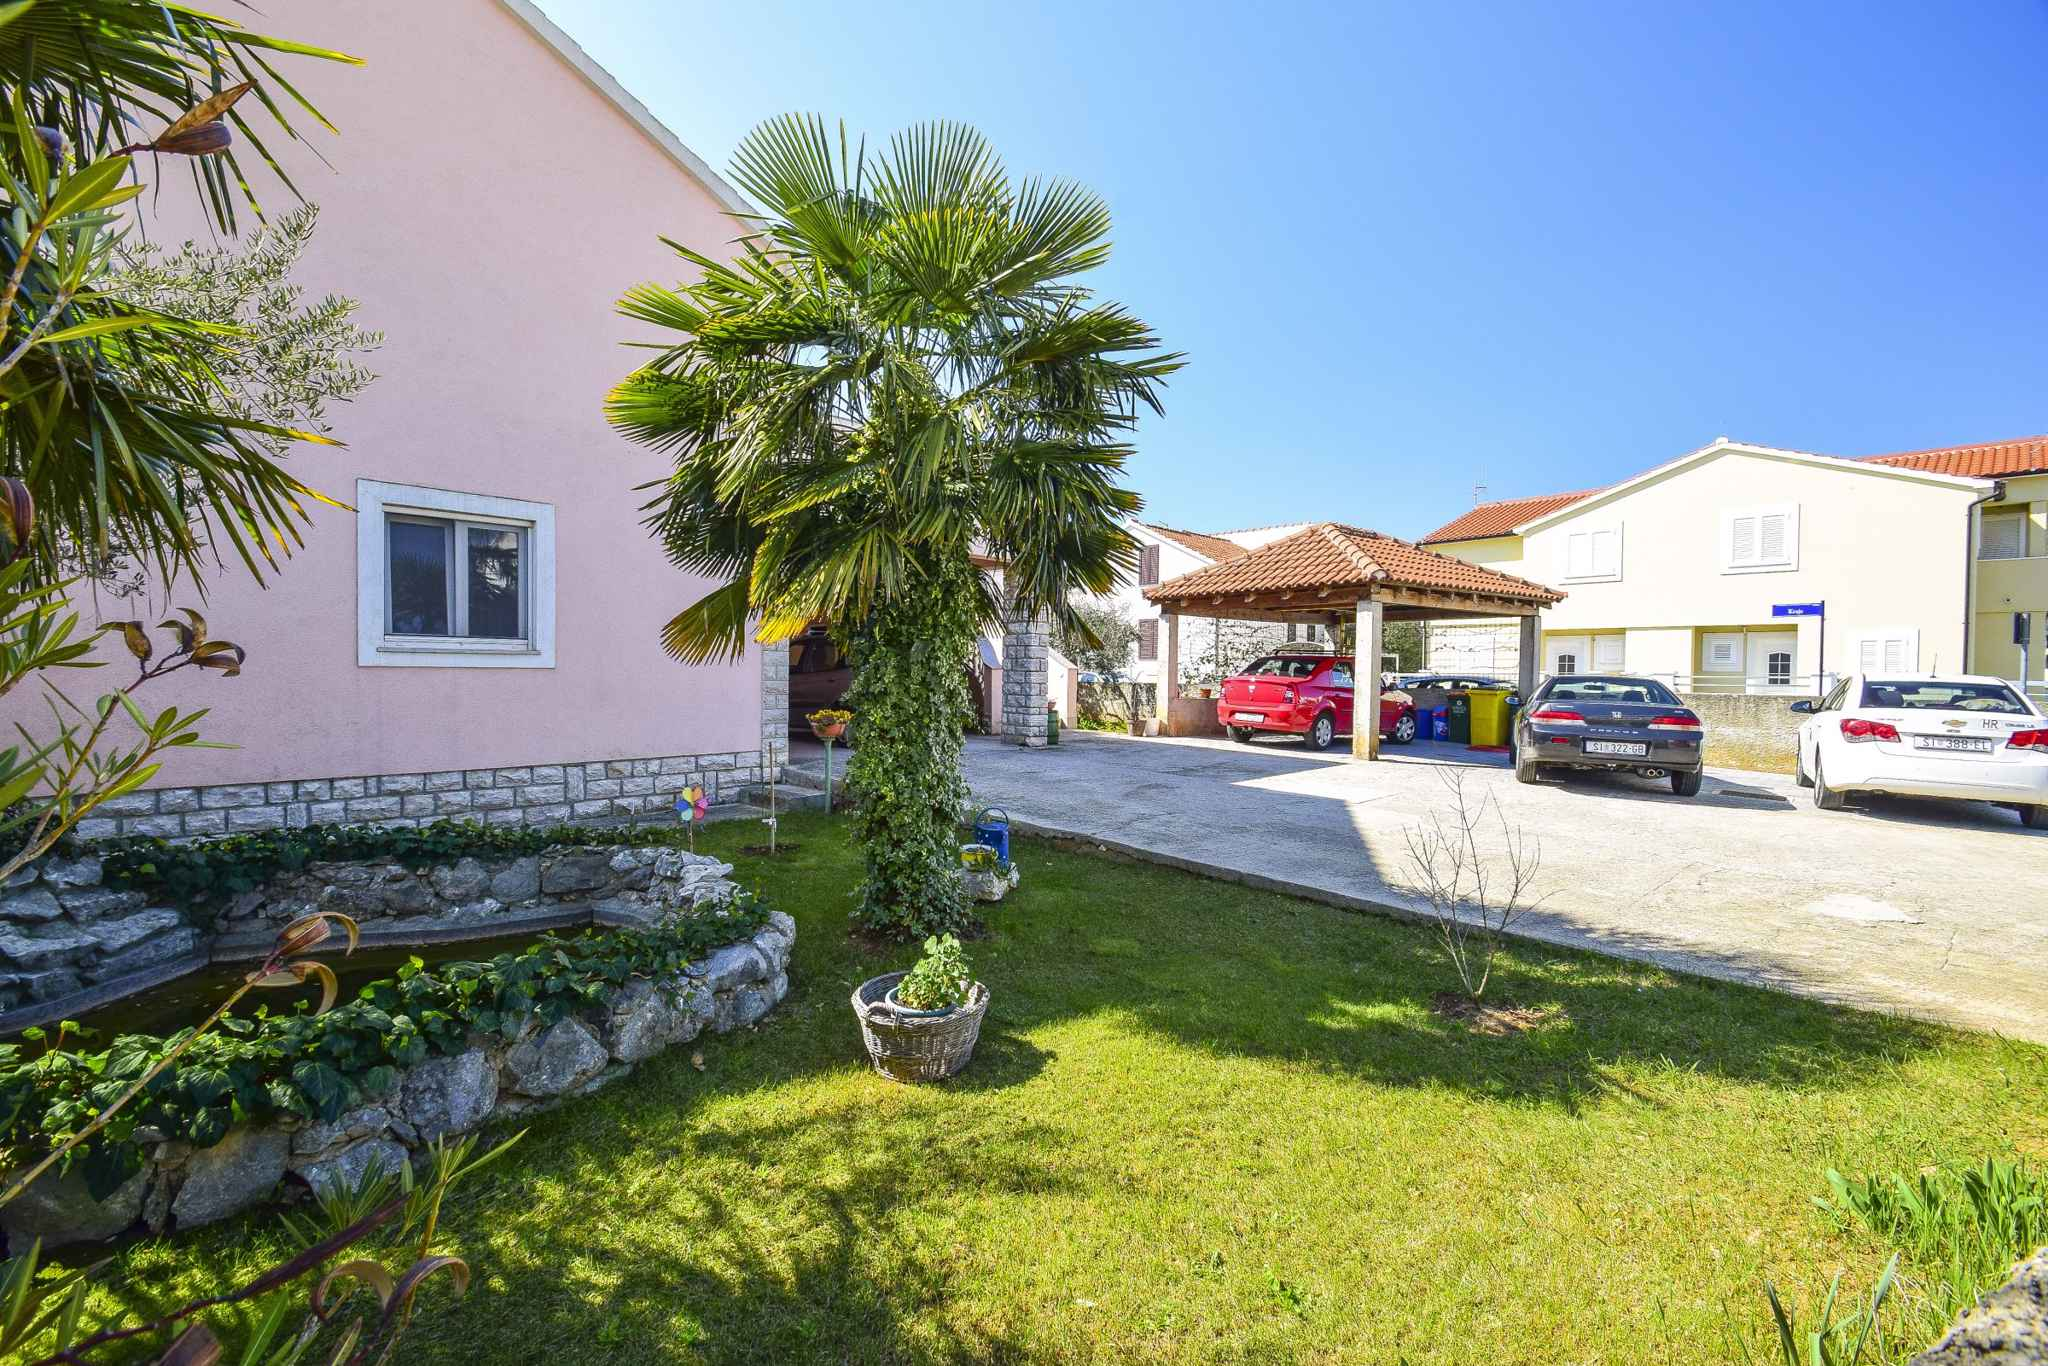 Ferienwohnung mit überdachter Terrasse (278787), Vodice, , Dalmatien, Kroatien, Bild 3